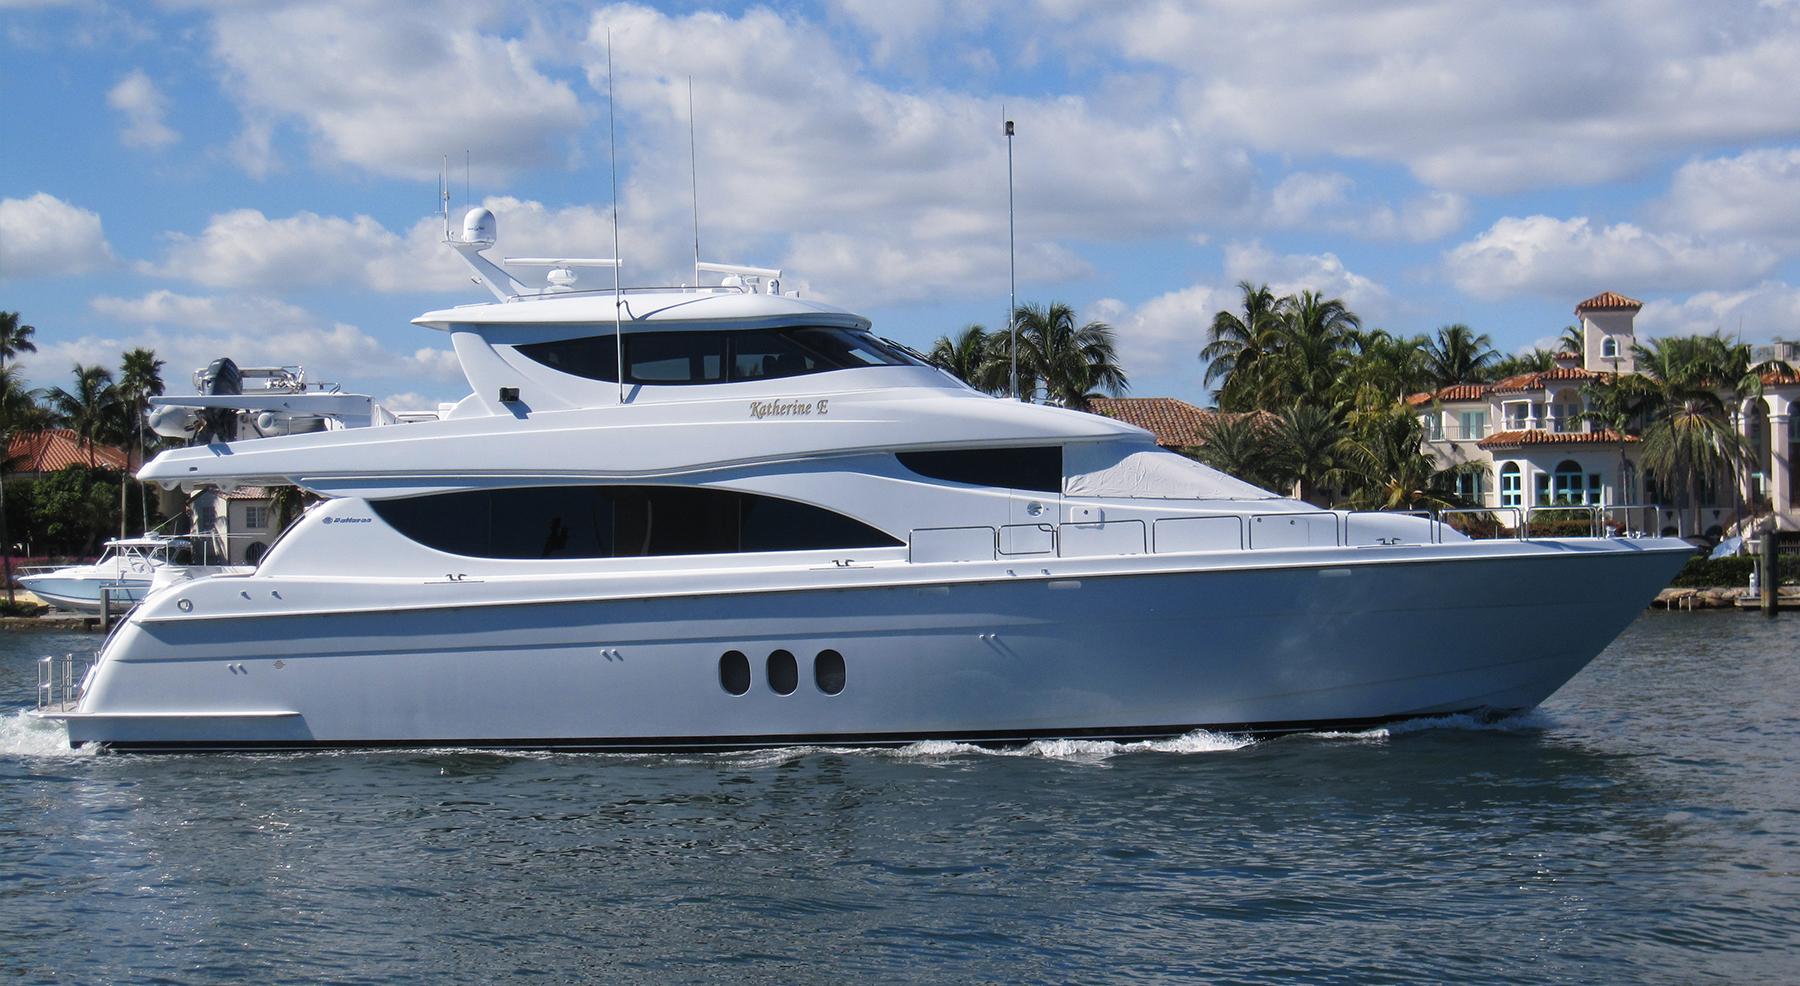 80′ Hatteras Sold By Yacht Broker Justin Onofrietti